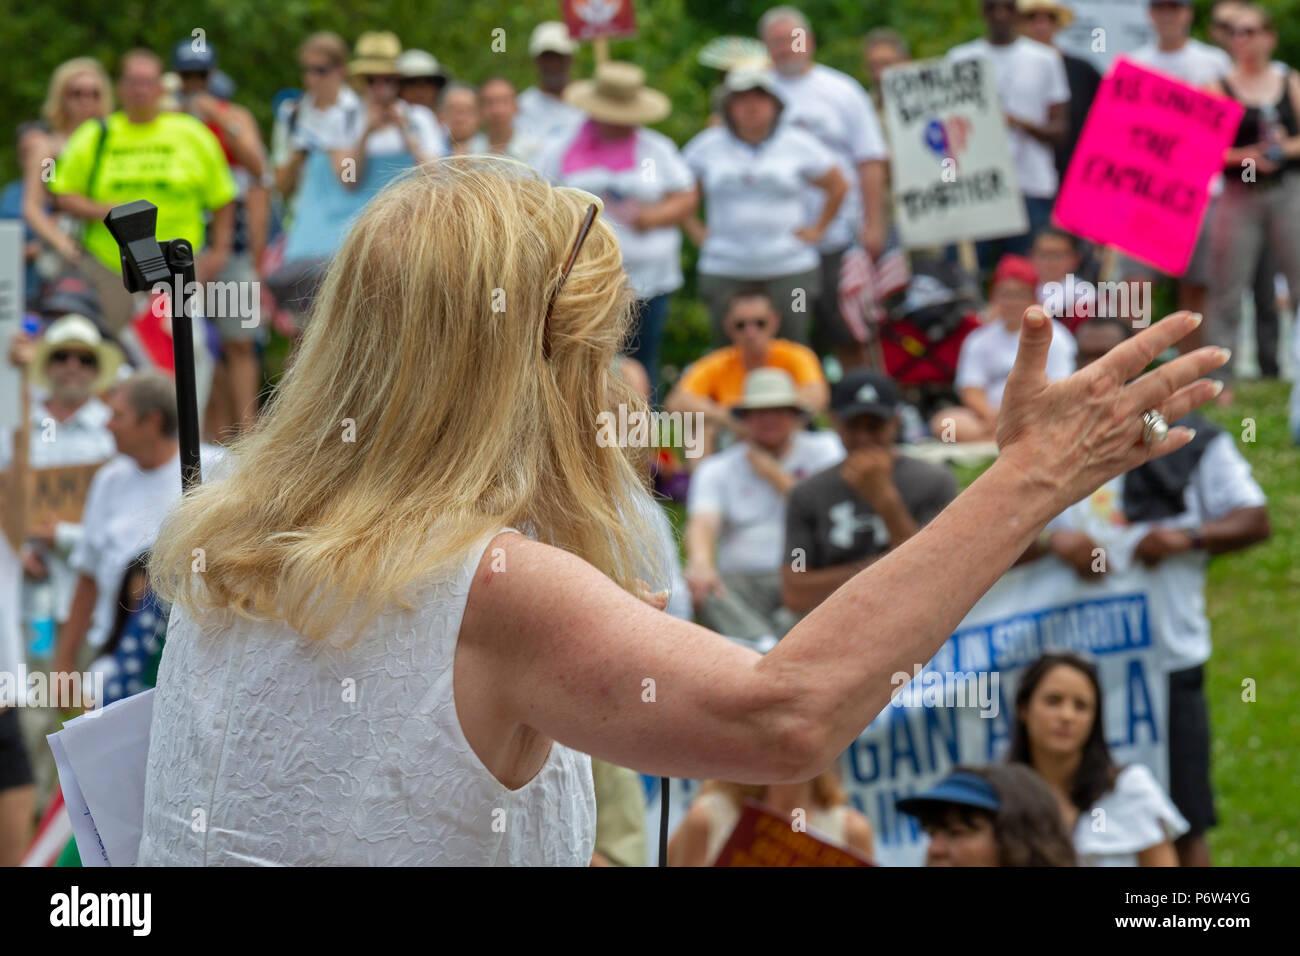 Detroit, Michigan - la Congresista Debbie Dingell (D-Mich.) habla en un mitin oponerse al triunfo de la administración política de separar a los niños f Imagen De Stock